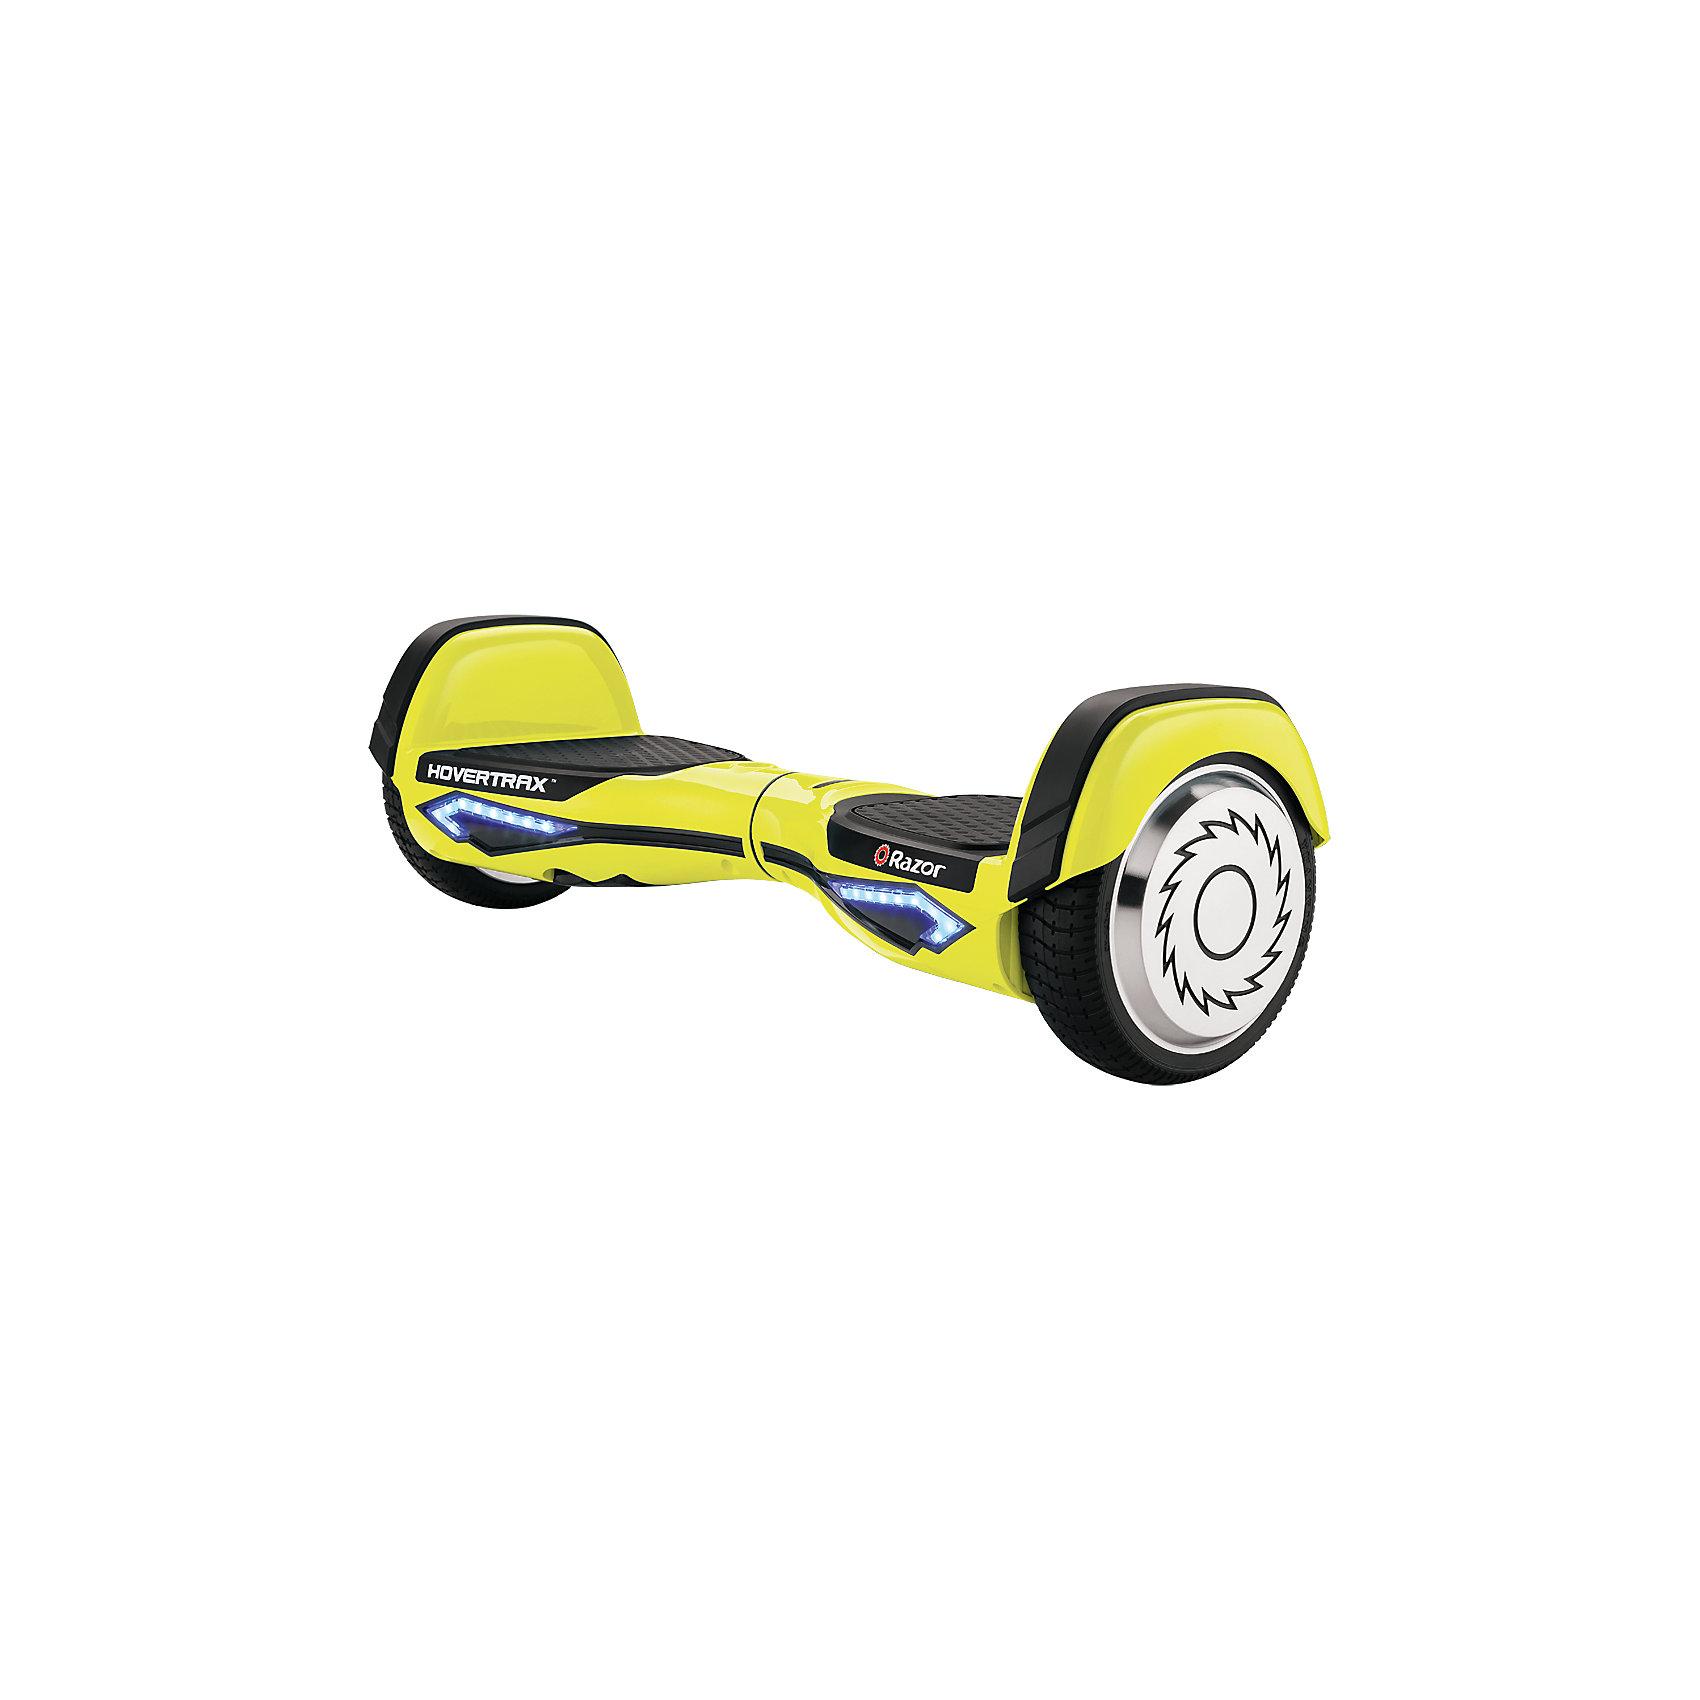 Гироскутер Razor Hovertrax 2.0, желтыйГироскутеры<br>Характеристики товара:<br><br>• возраст: от 8 лет;<br>• максимальная нагрузка: 100 кг;<br>• материал: пластик, металл, резина;<br>• в комплекте: гироскутер, зарядное устройство, инструкция;<br>• тип аккумулятора: Li-Ion 2,5Ач;<br>• мощность каждого мотора 135 Вт;<br>• максимальная скорость: 13 км/час;<br>• время непрерывной работы: 115 минут;<br>• диаметр колес: 6,5 дюймов;<br>• вес гироскутера 12,3 кг;<br>• размер упаковки: 64х23х24 см;<br>• вес упаковки: 15 кг;<br>• страна производитель: Китай.<br><br>Гироскутер Razor Hovertrax желтый — современное средство передвижения по городским улочкам. Движение на нем осуществляется при помощи плавного наклона платформы для ног. Для движения вперед следует немного надавить на платформу носками ступни, для движения назад — пятками.<br><br>Платформы для ног покрыты специальным прорезиненным материалом, исключающим соскальзывание во время движения. Крылья на колесах не дают гироскутеру переворачиваться. Корпус выполнен из прочного полимера, который выдерживает небольшие удары и не трескается.<br><br>Гироскутер Razor Hovertrax оснащен несколькими режимами работы. Функция самовыравнивания позволяет изделию самостоятельно выравниваться при включении. Для новичков, которые еще только учатся кататься на гироскутере, предназначен обучающий режим, который ограничивает скорость и разгон. Для более опытных райдеров подойдет обычный режим, в котором скорость гироскутера может достигать 13 км/час. <br><br>Гироскоп позволяет во время движения постоянно сохранять платформу в горизонтальном положении. Корпус не наклоняется вперед и не падает. У гироскутера Razor Hovertrax нет минимального ограничения по весу, позволяя даже детям учиться на нем кататься. <br><br>Гироскутер оснащен светящимися поворотниками, которые включаются при смещении центра тяжести. Работает изделие от аккумулятора. Кнопка включения и индикатор заряда батареи расположены сверху. <br><br>Гироскутер Razor Hovertrax желты